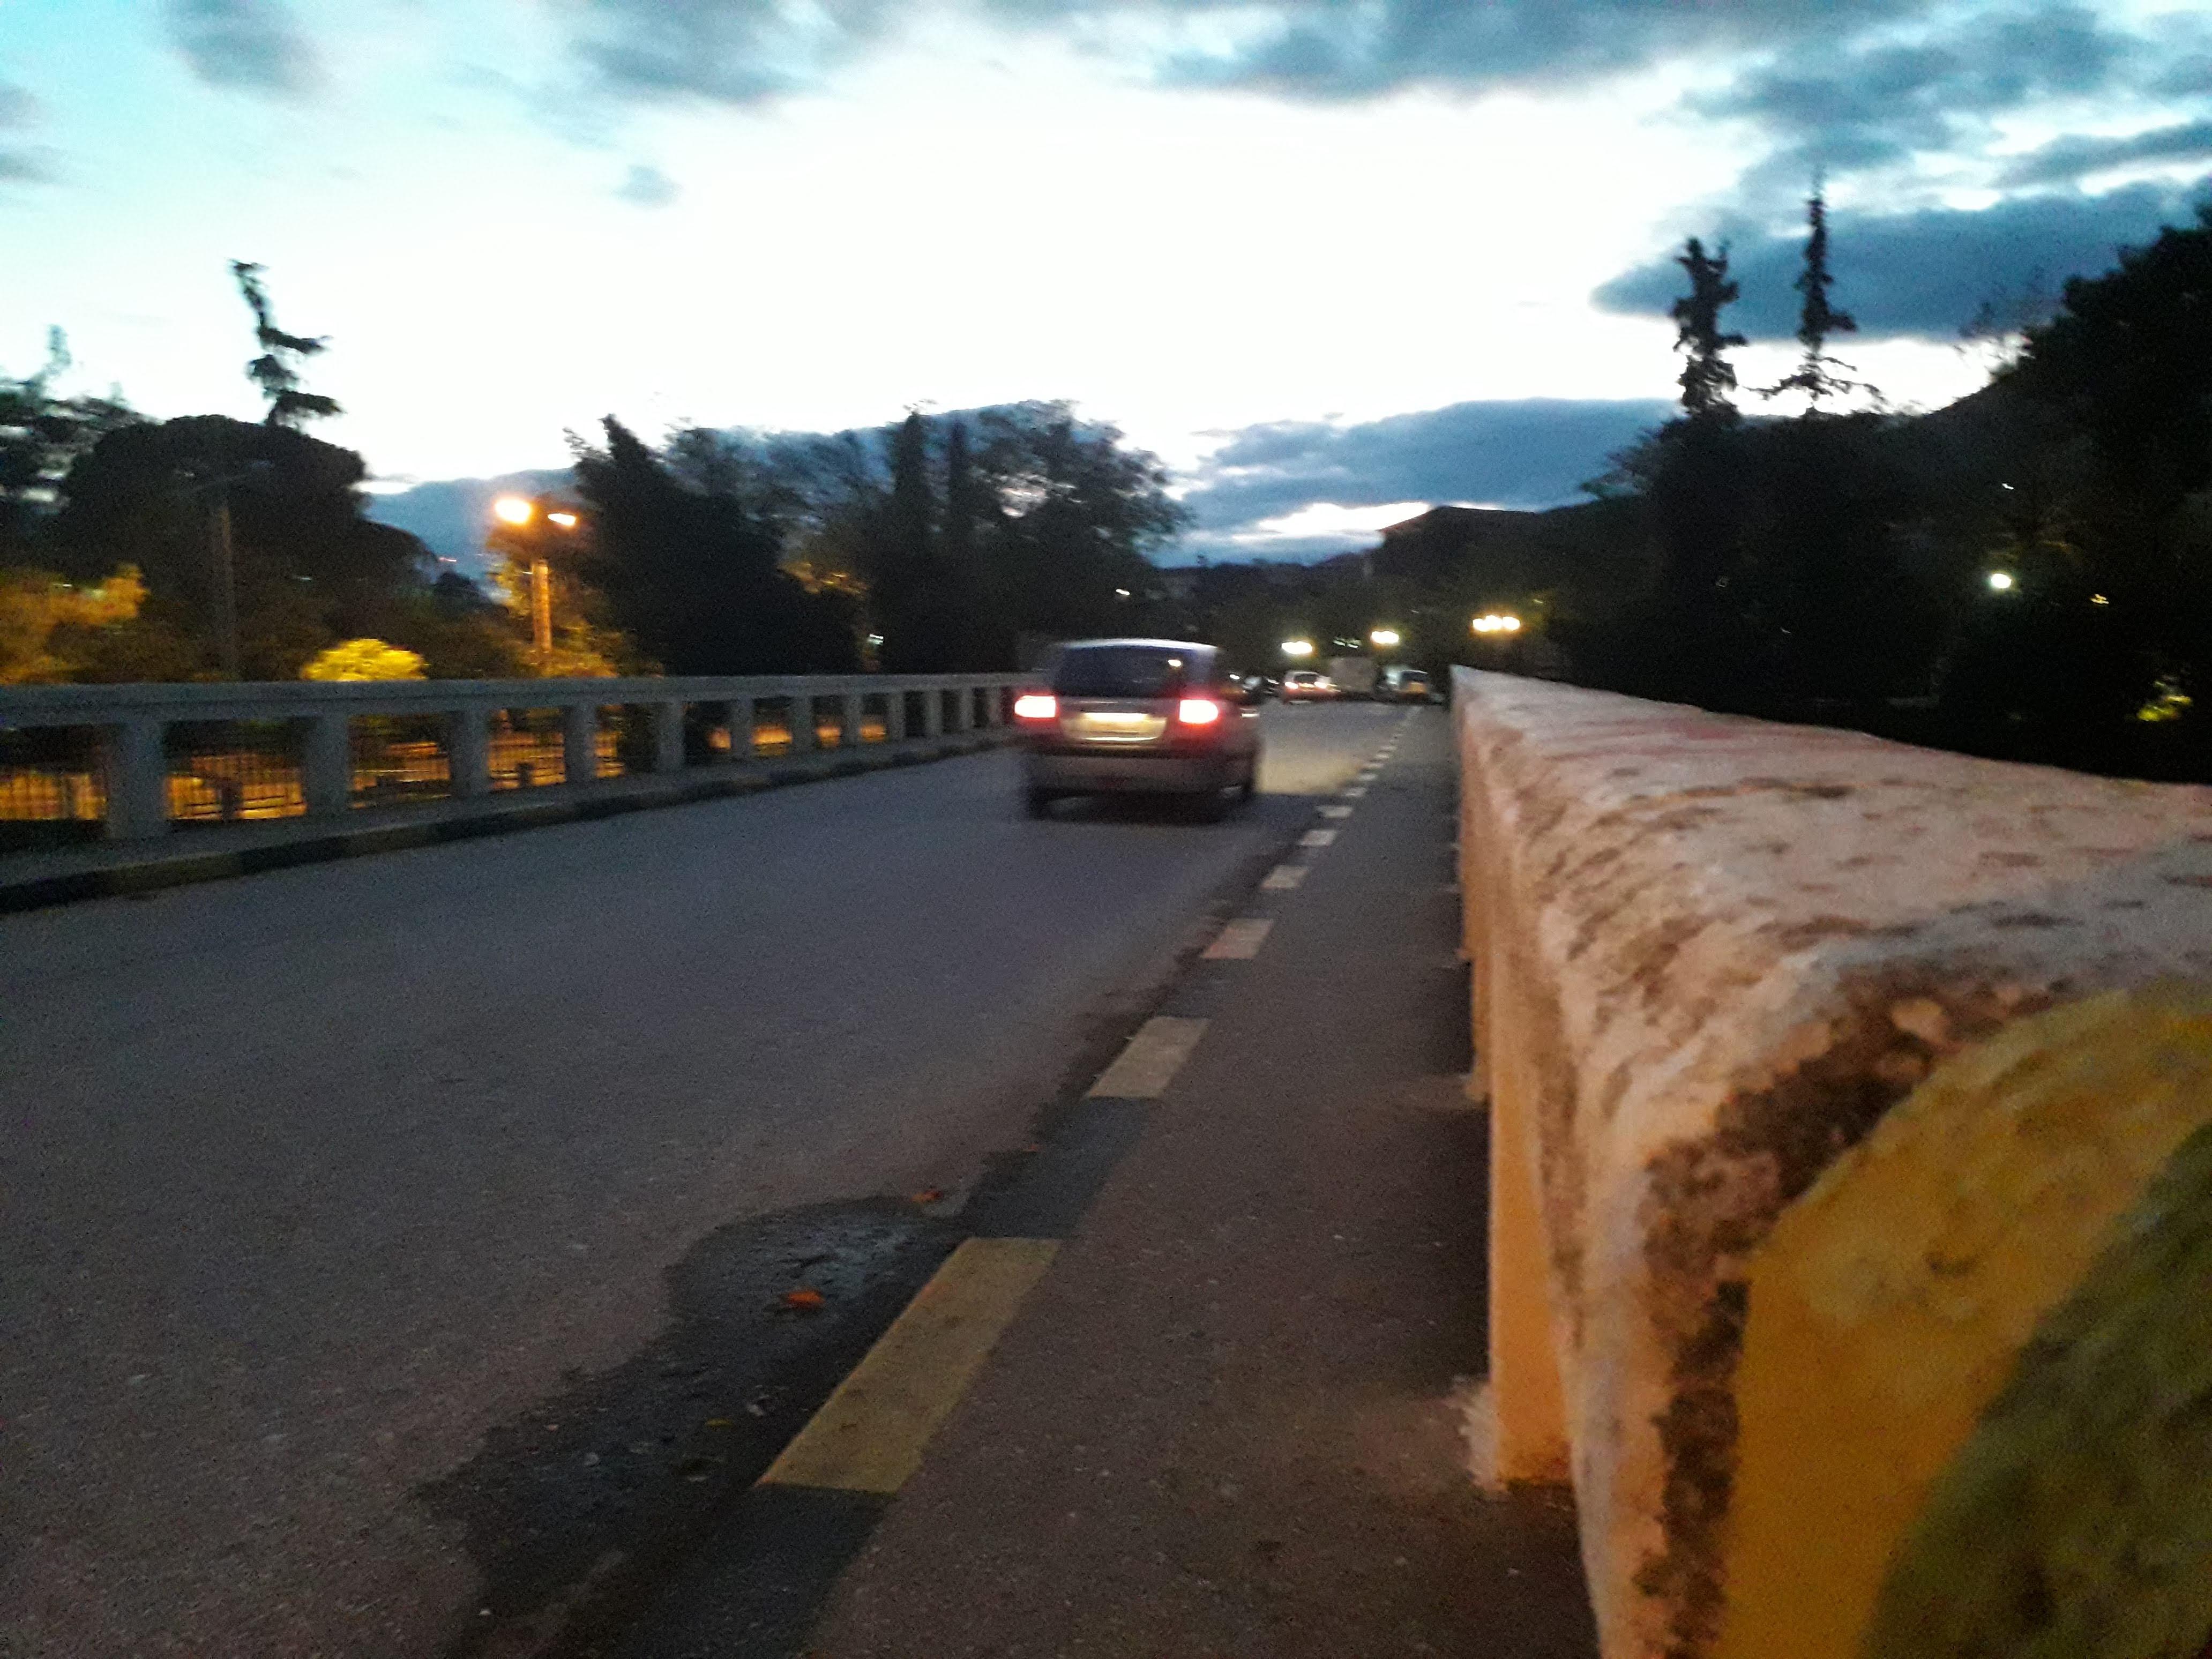 Επίσημο: Δεν επιβάλλονται νέα μέτρα στην Ξάνθη